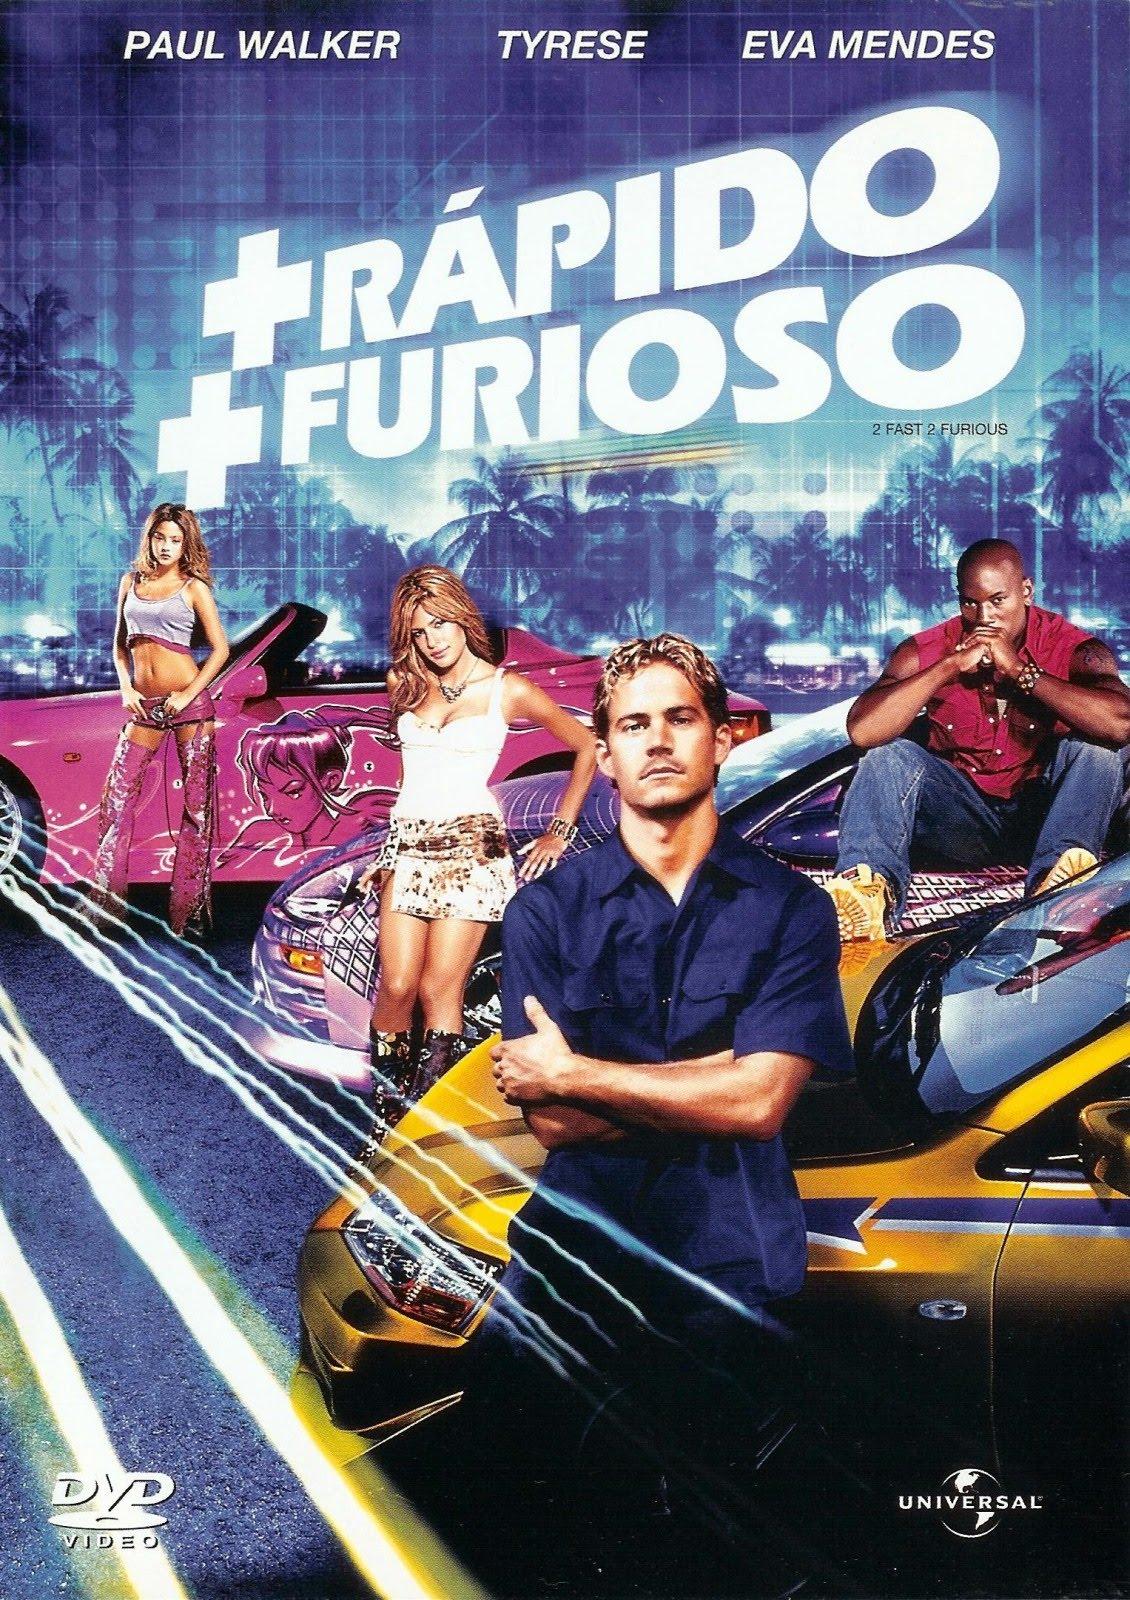 Rapidos y Furiosos 2 (2003) [Latino]